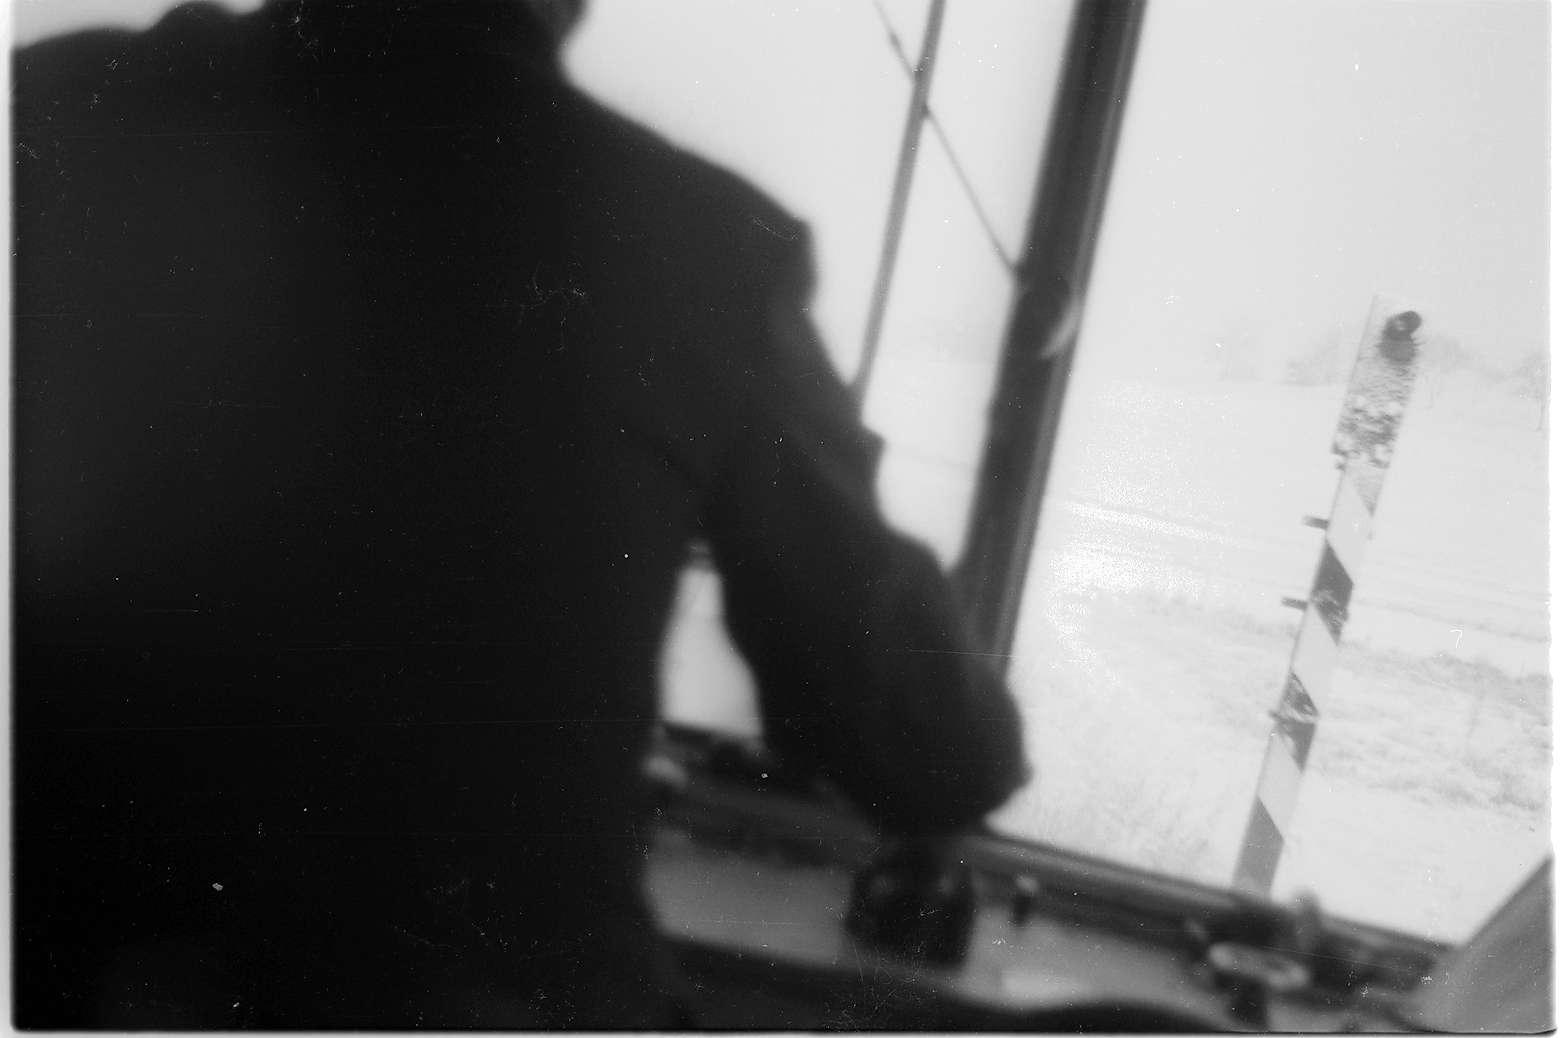 Killer, Blick aus Triebwagen VT 1 (1934 - 1975), Blinklicht-Überwachungssignal NE 80, Handkurbeln des Führerstandes, Bild 1